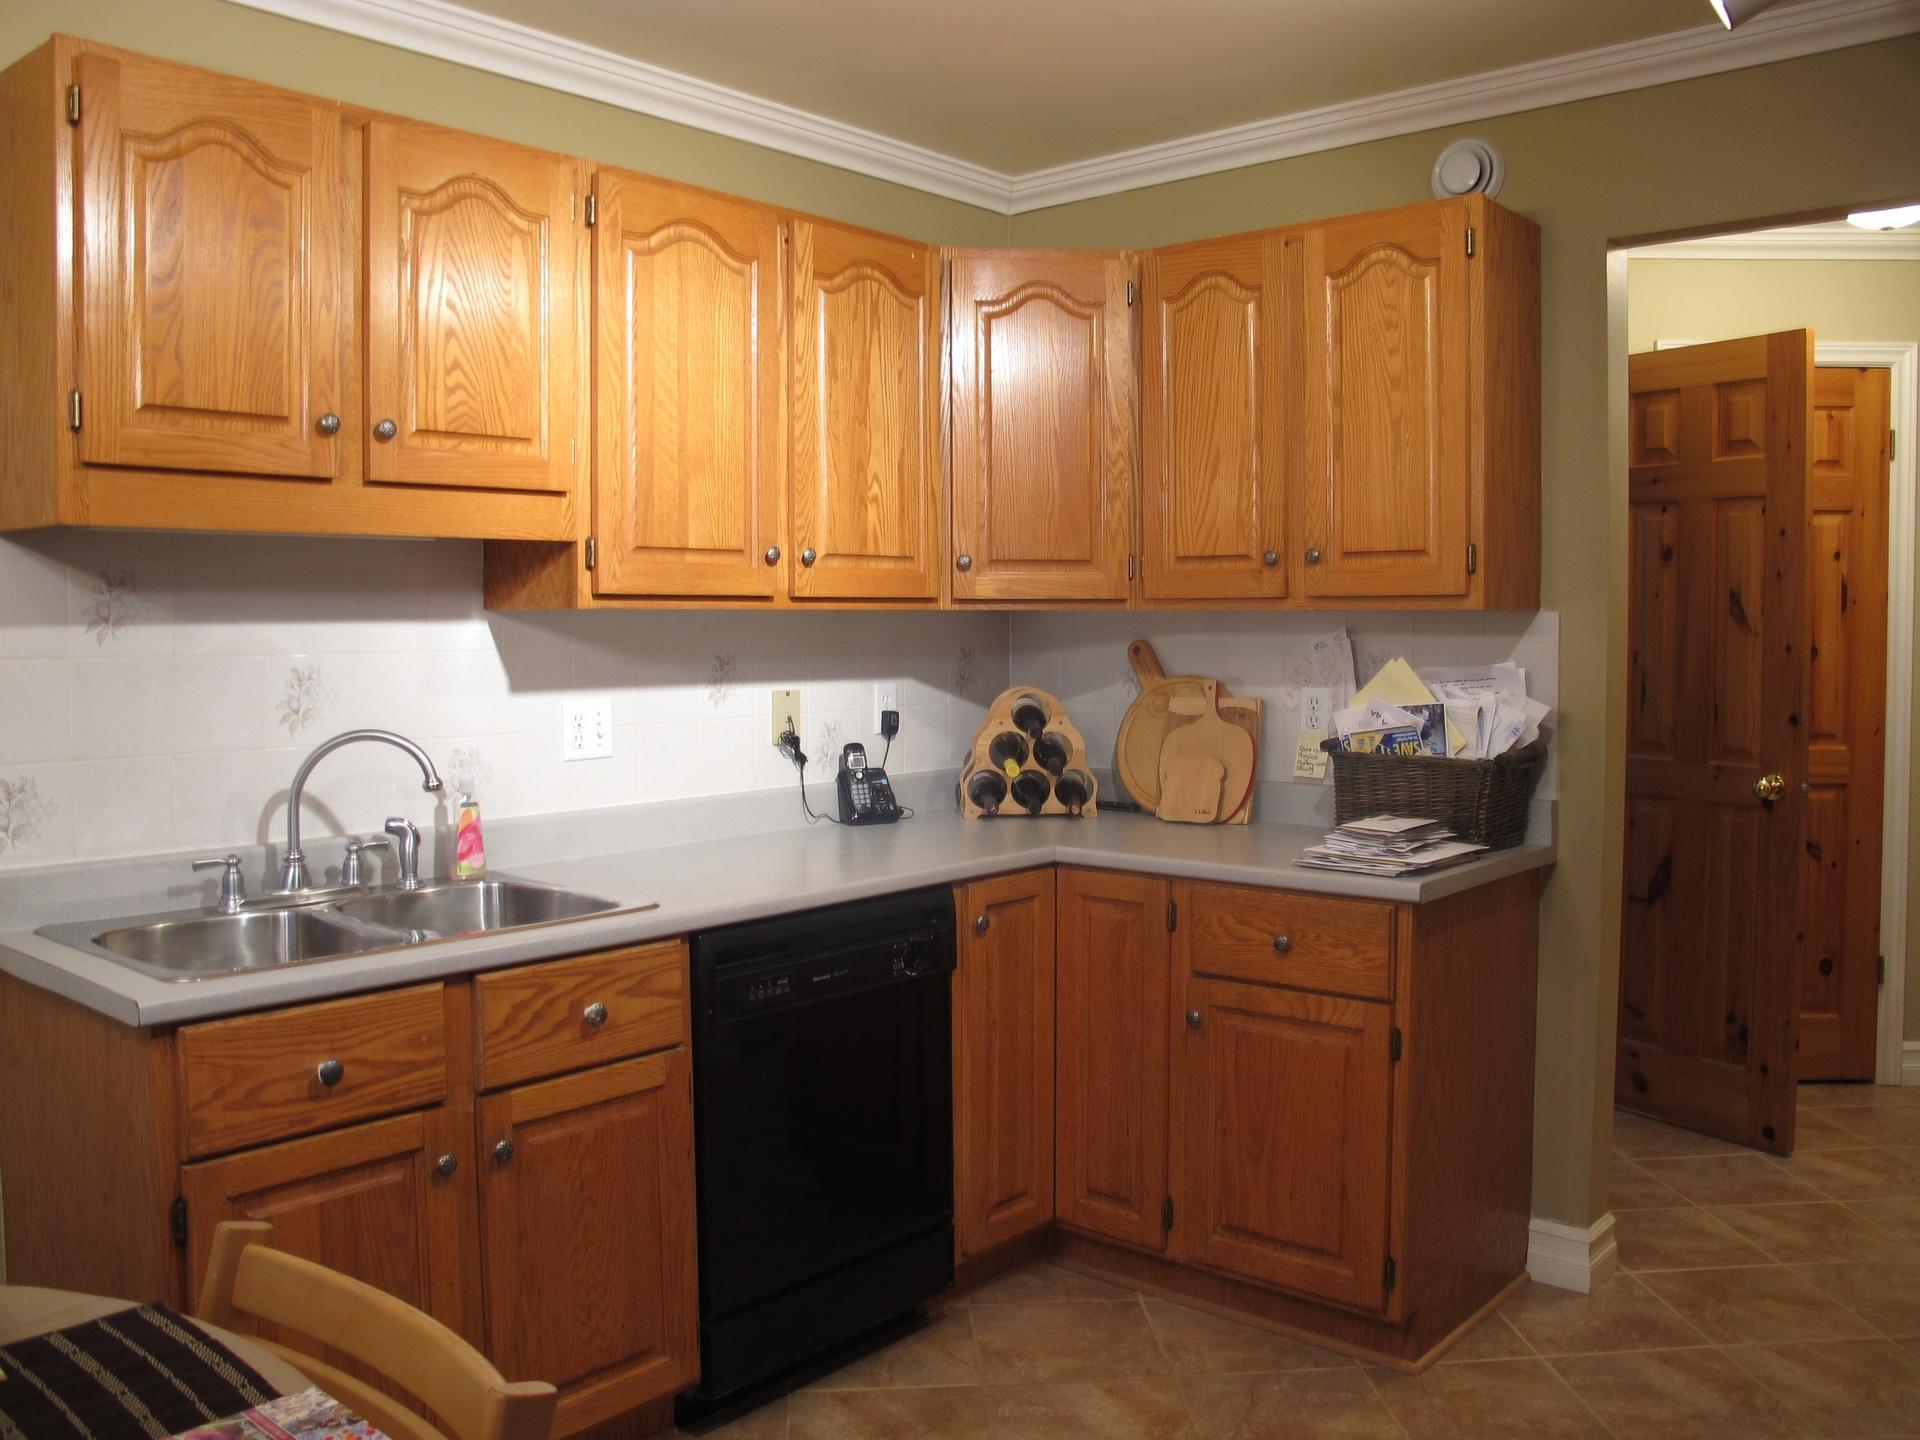 Kitchen cabinet doors barrie - Kitchen Cabinet Doors Barrie 18